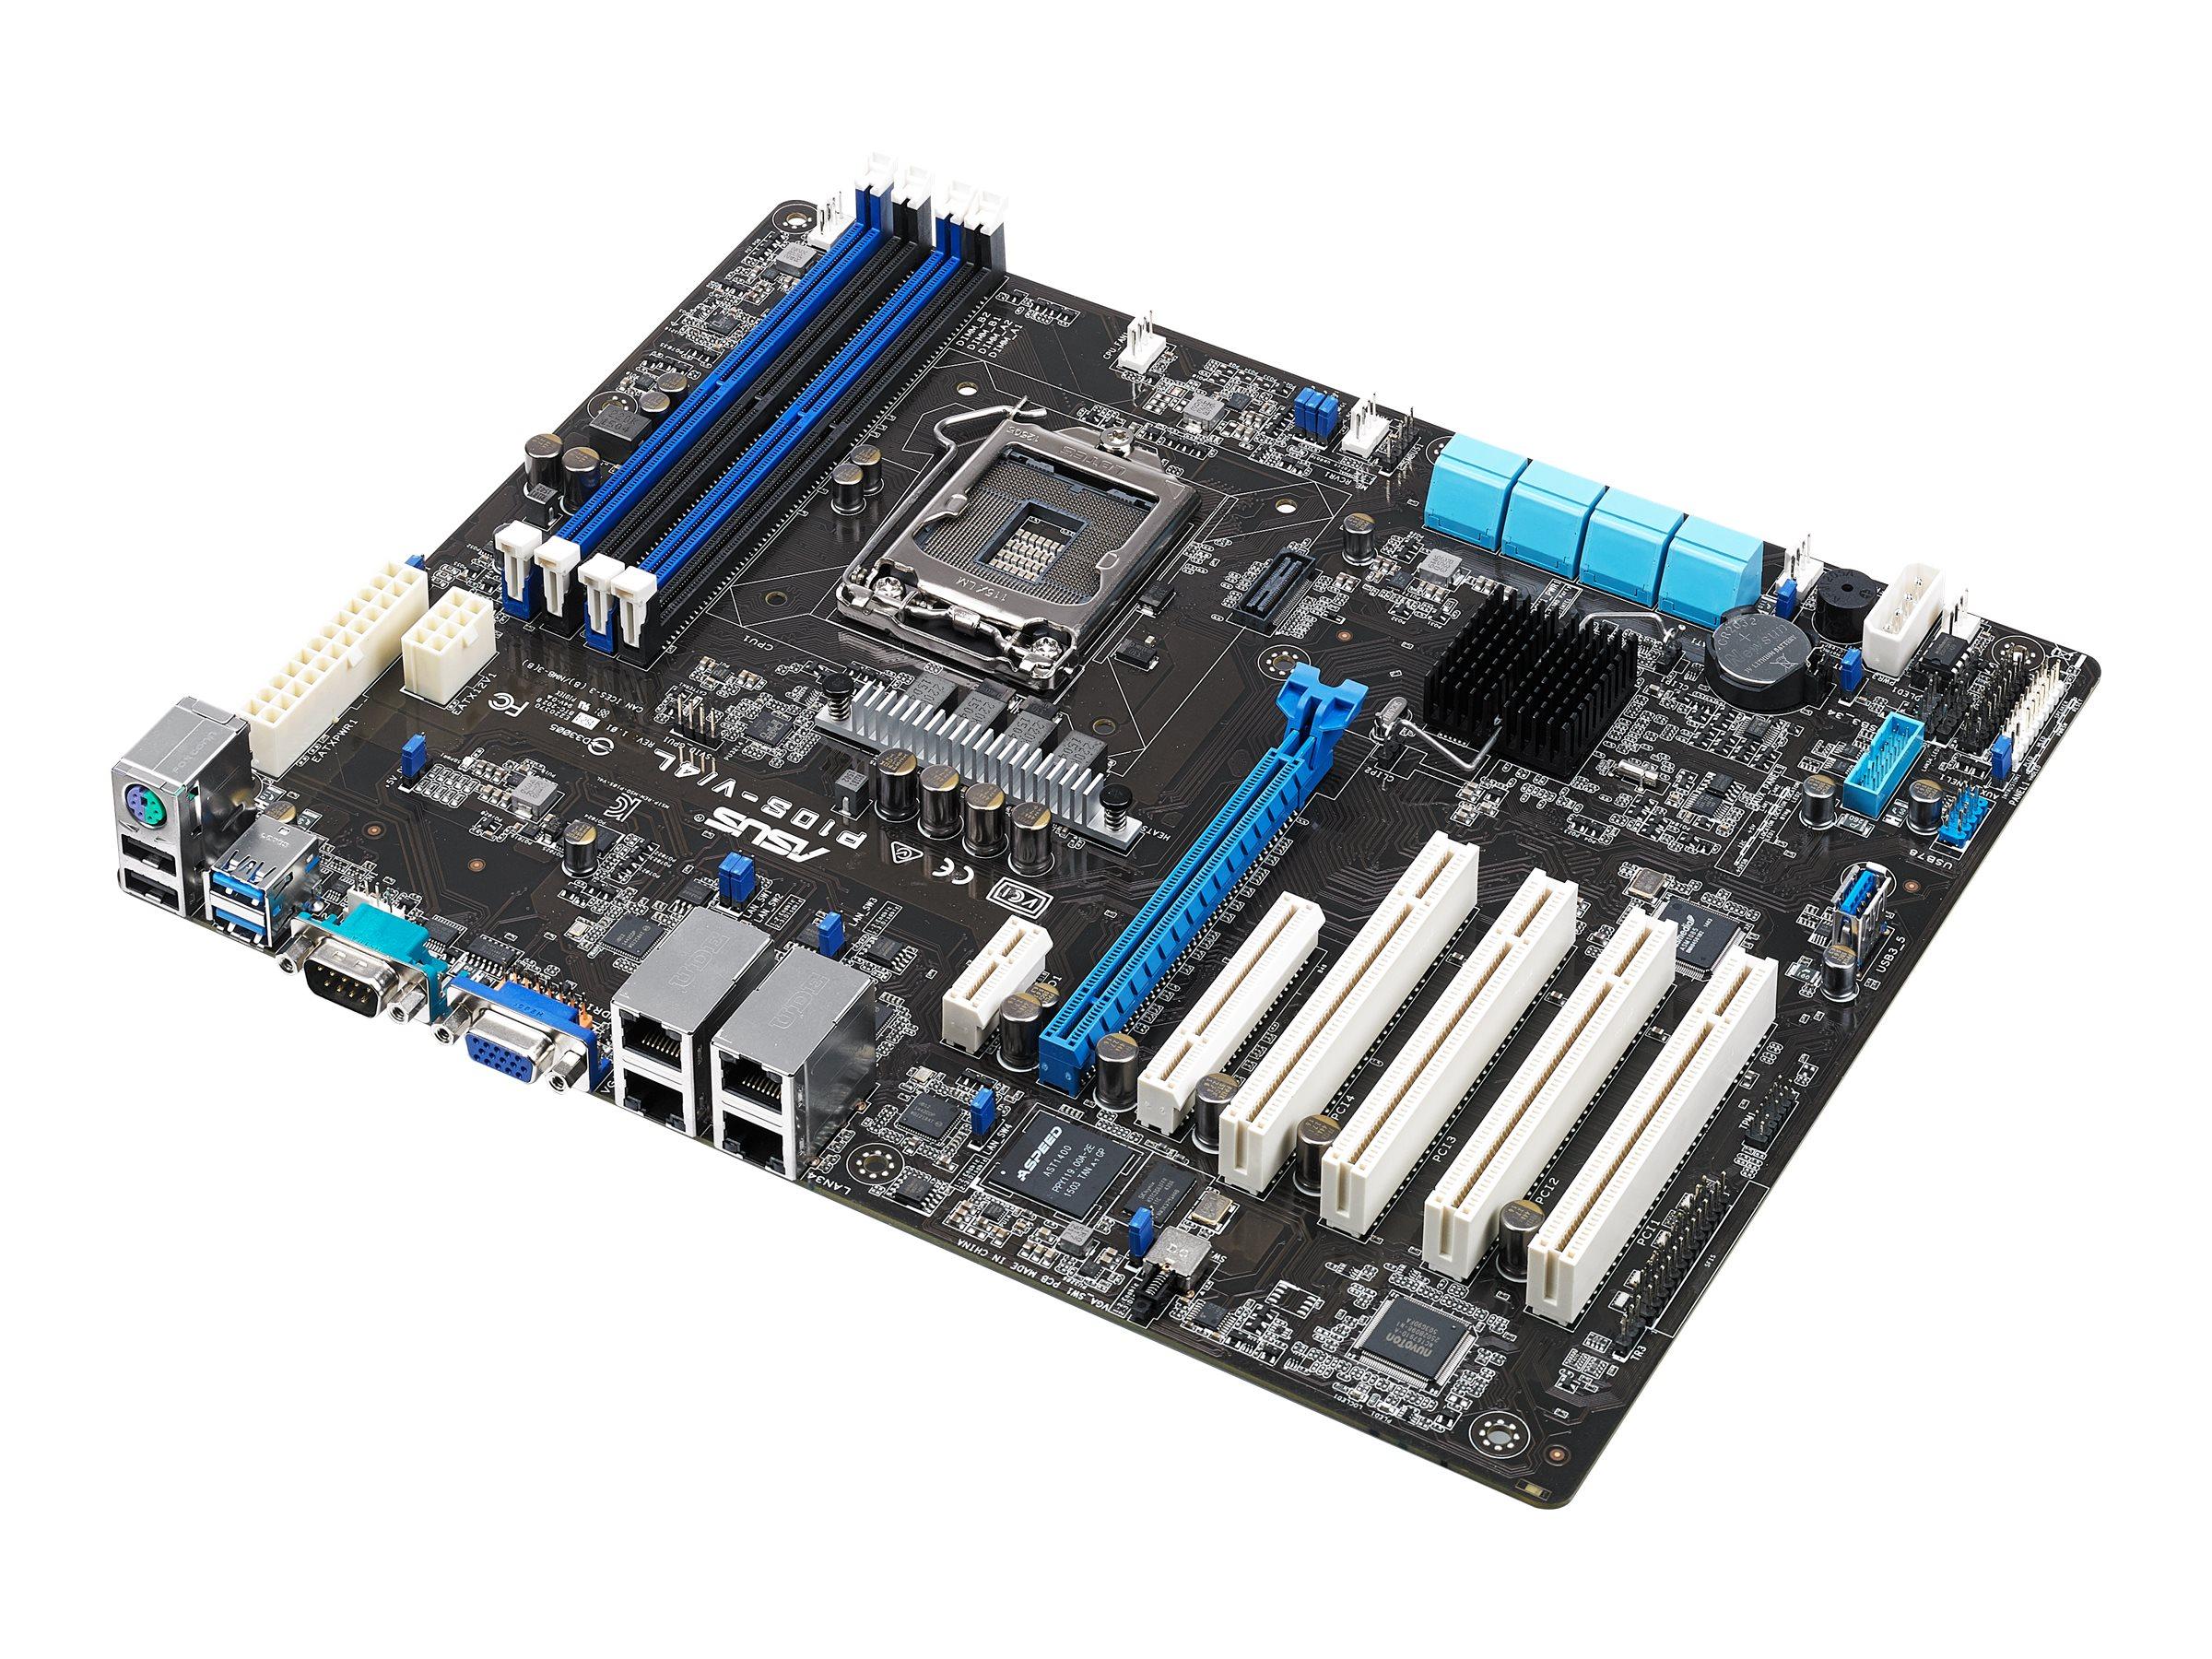 ASUS P10S-V/4L - Motherboard - ATX - LGA1151 Socket - C236 - USB 3.0